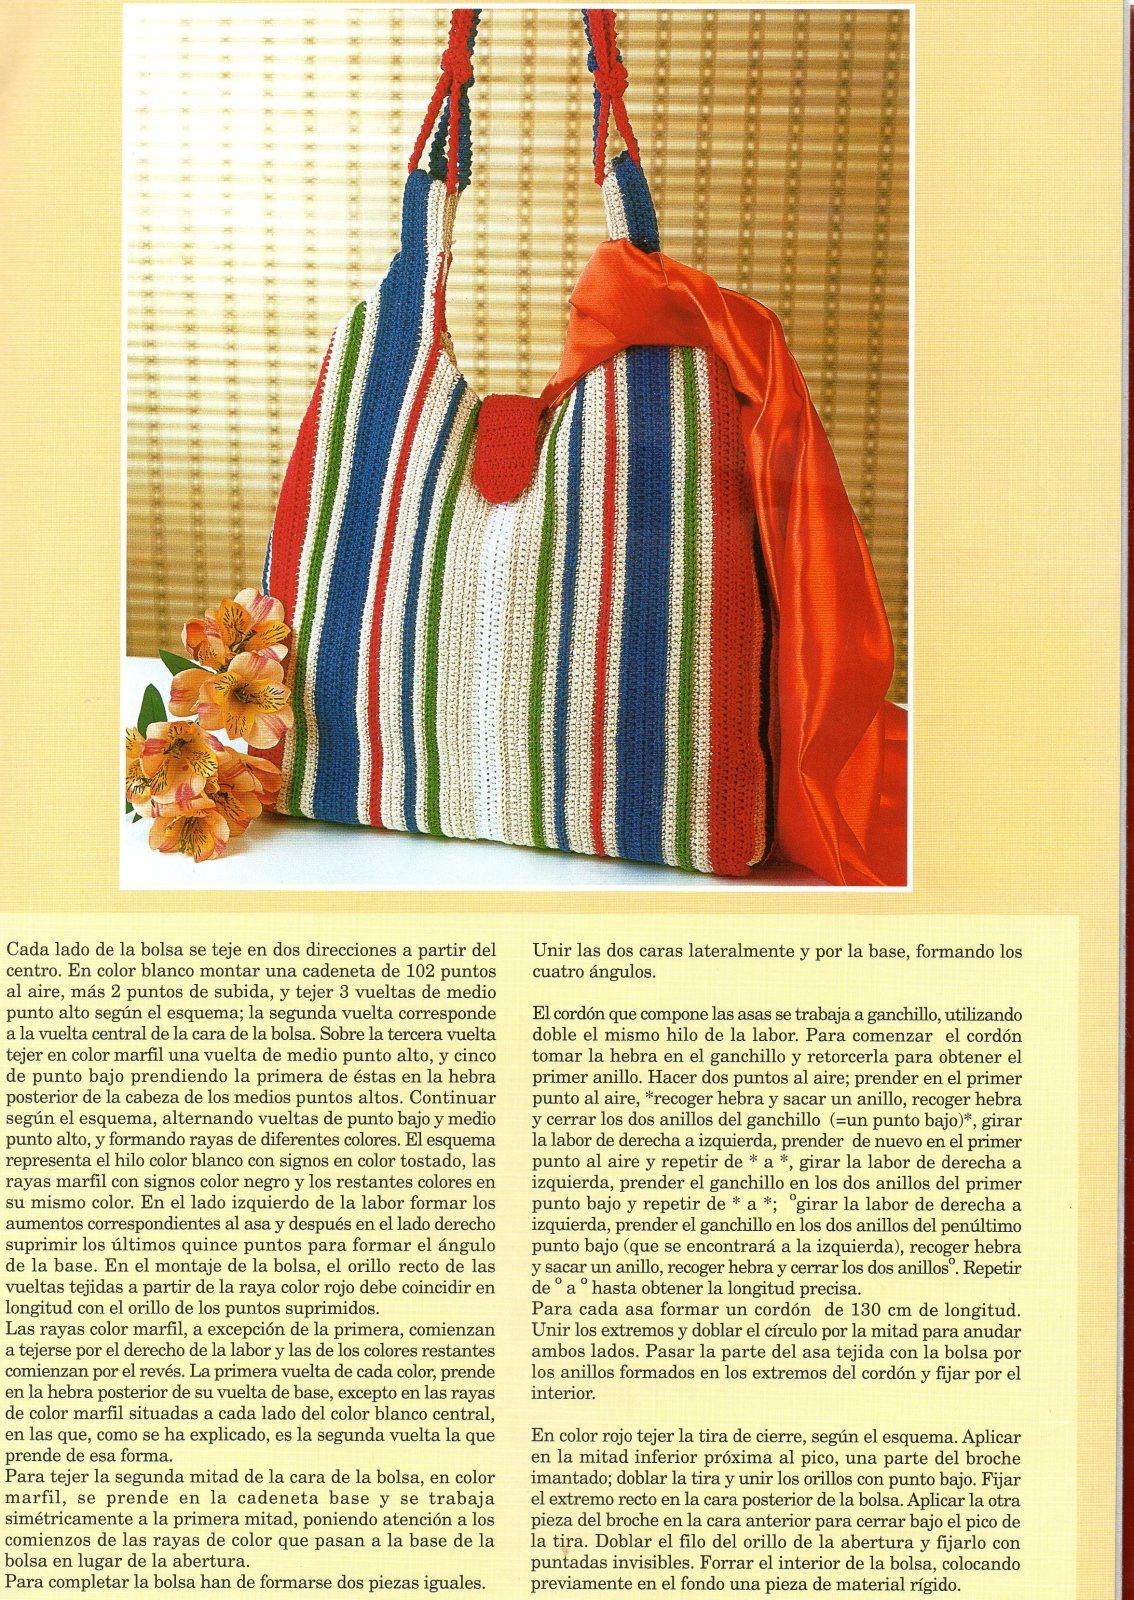 patrones - patrones de bolsos 2rnzwq8